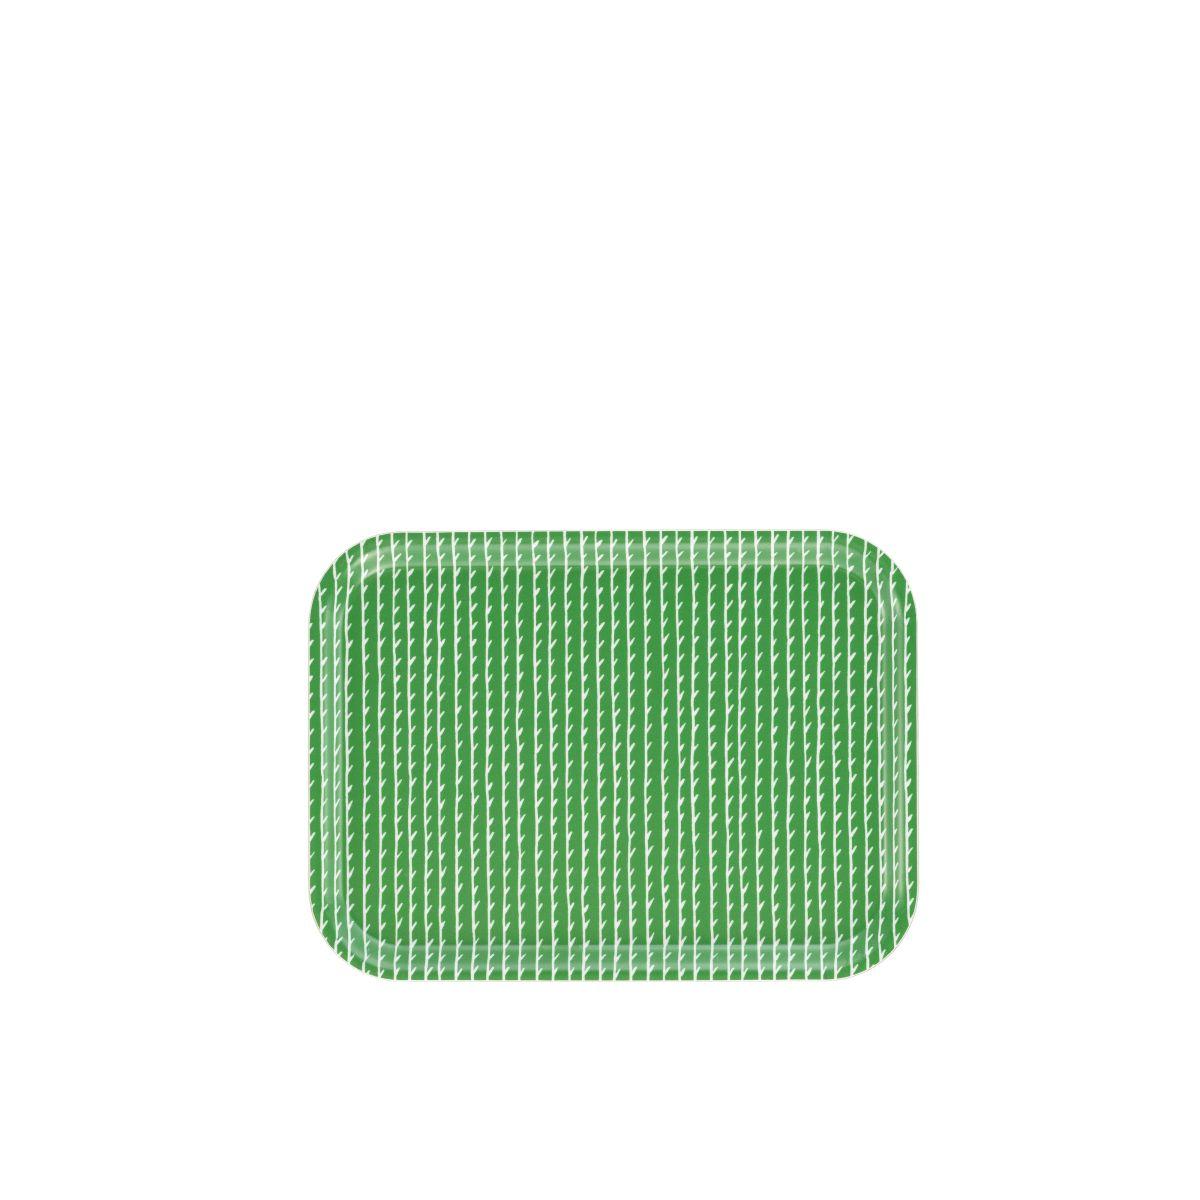 Rivi Tray green _ white small_F_web